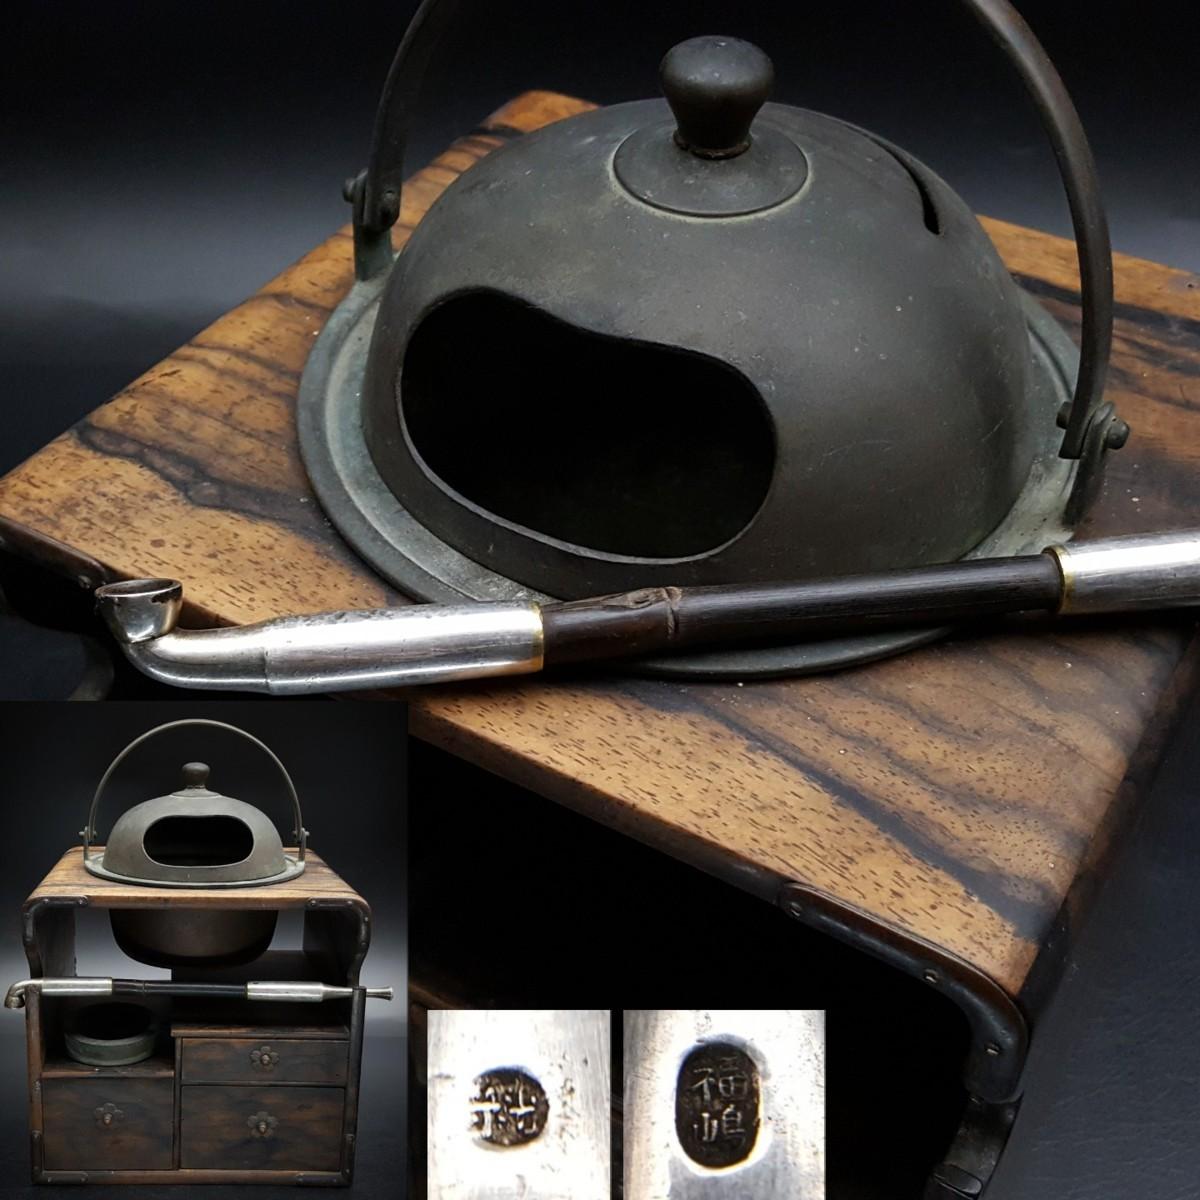 【宝蔵】時代 黒柿煙草盆 刻印煙管 キセル 時代箱